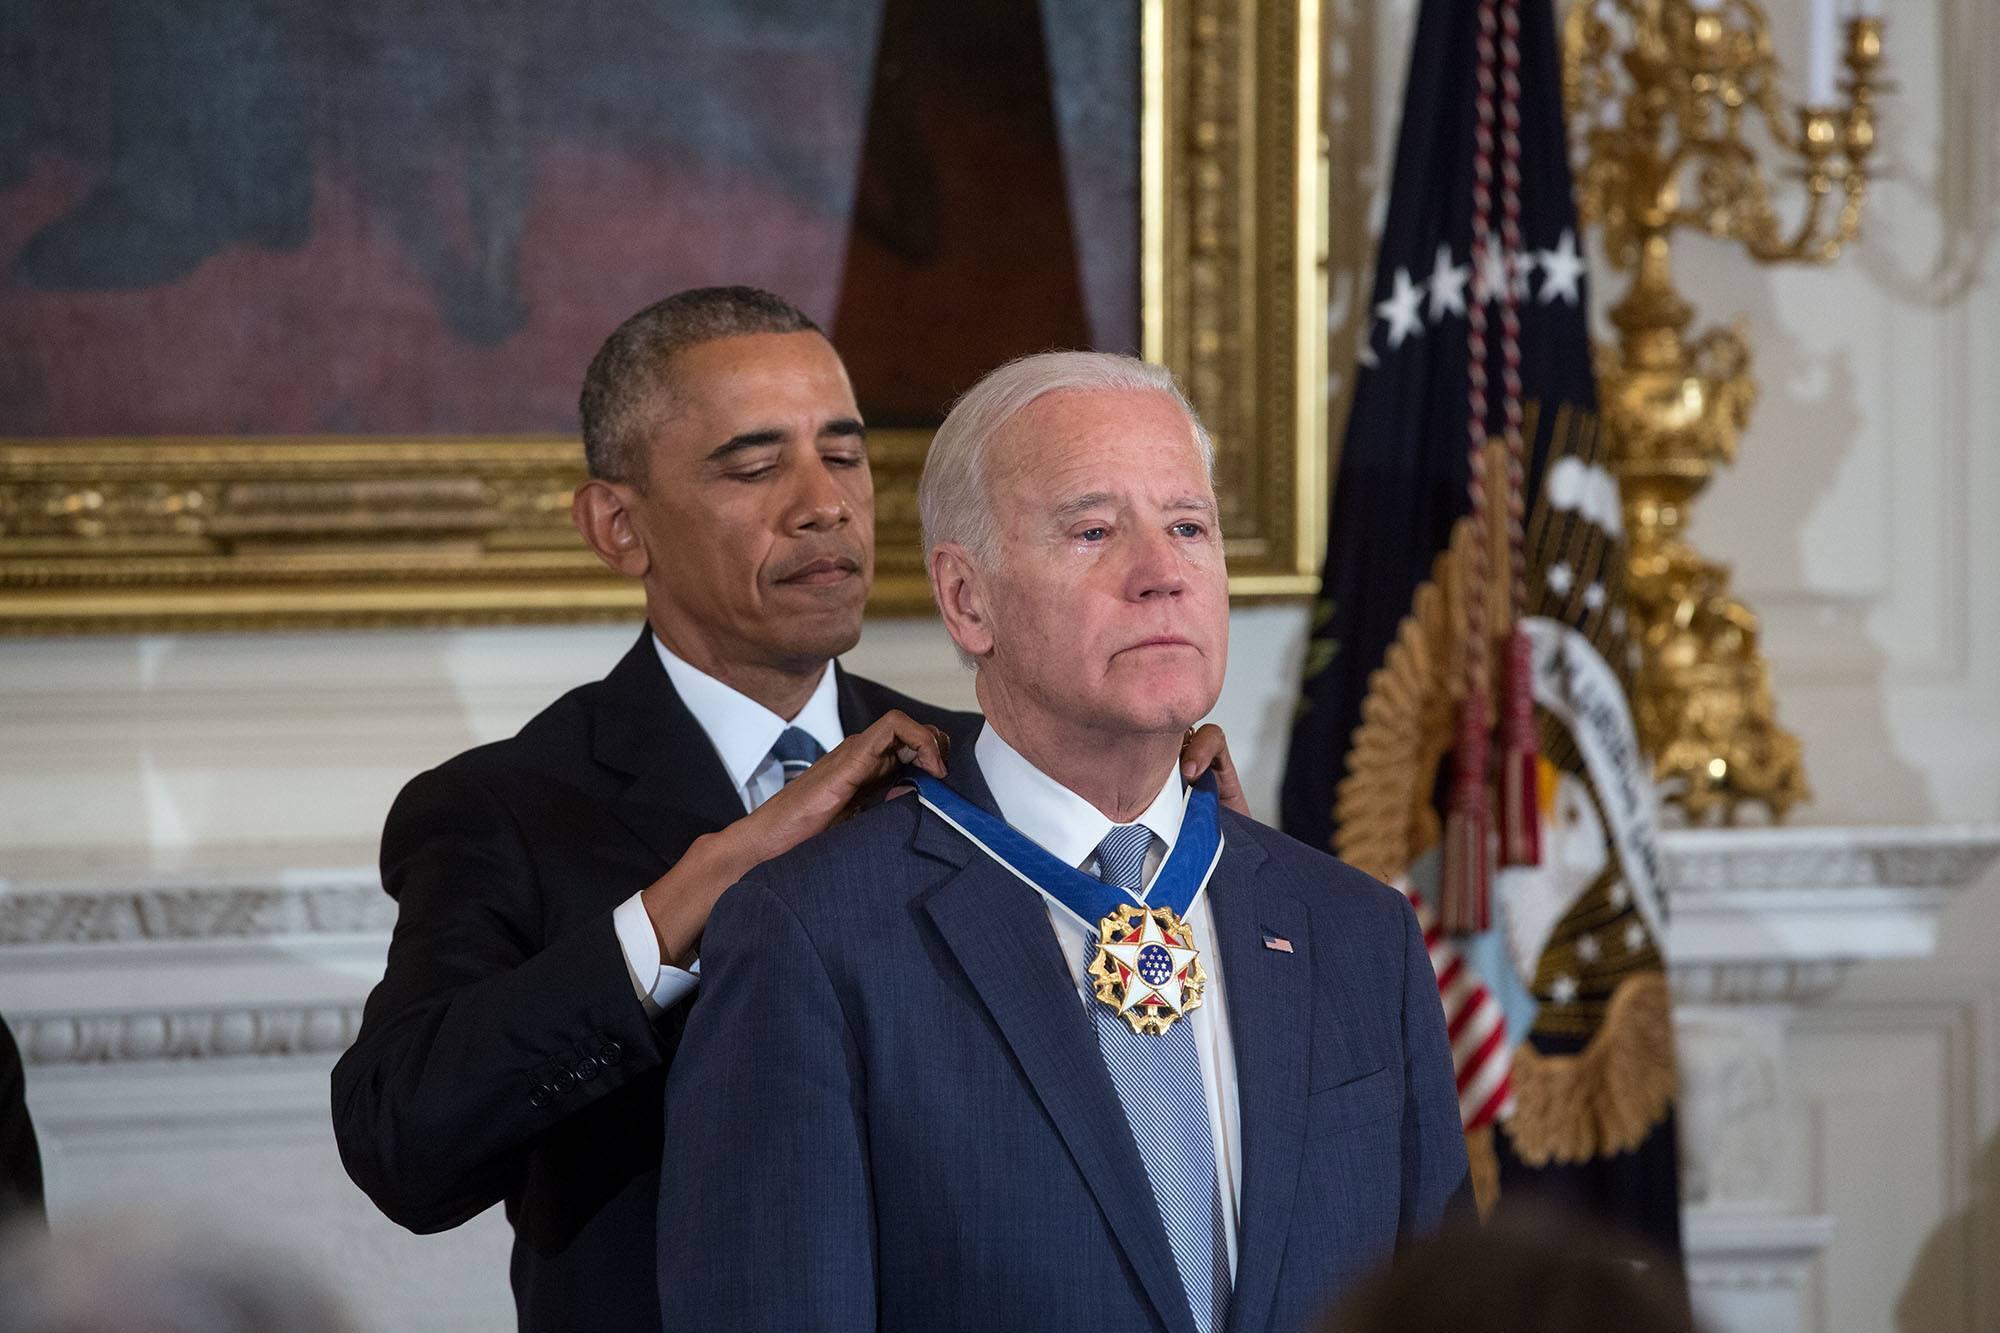 Байден обіймав посаду віцепрезидента за правління Барака Обами